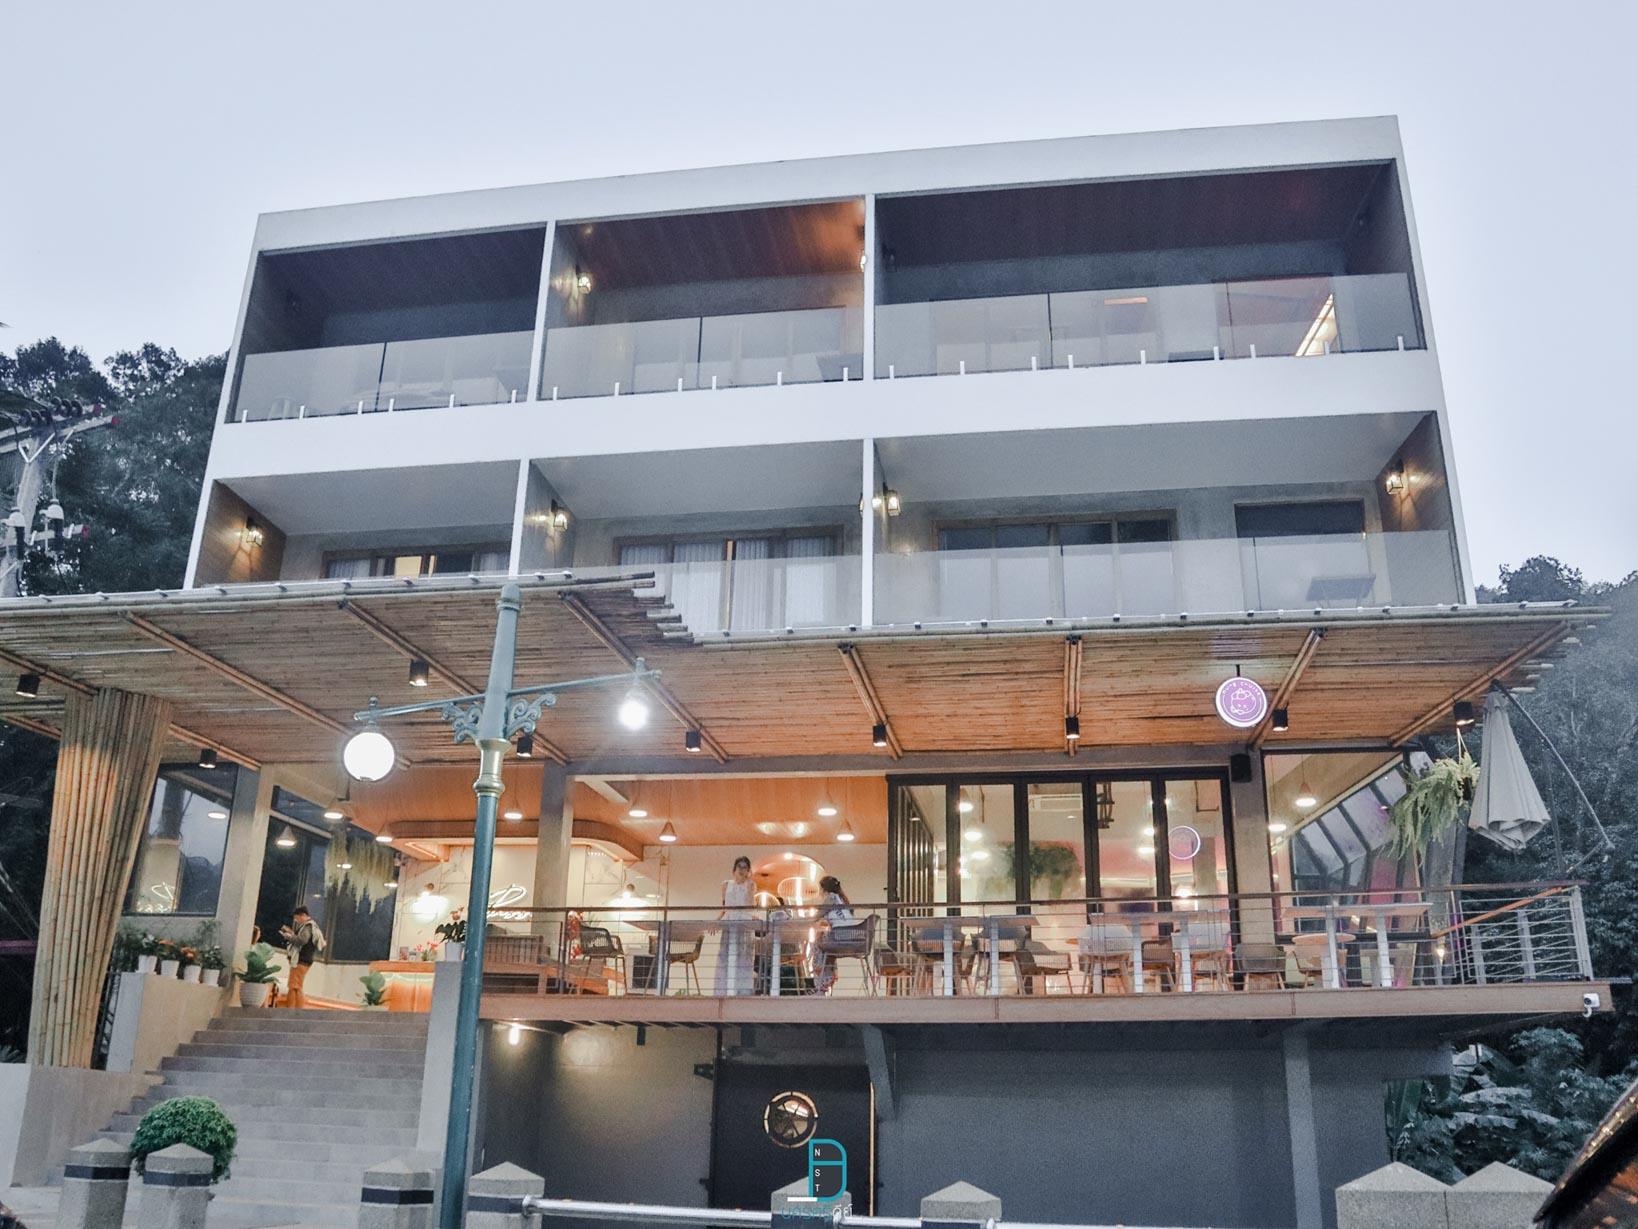 โรงแรมวิวหลักล้าน คีรีวง Passion Resort ที่พักสุดสวย สะดวก สบาย วิวภูเขา 360 องศา นครศรีดีย์